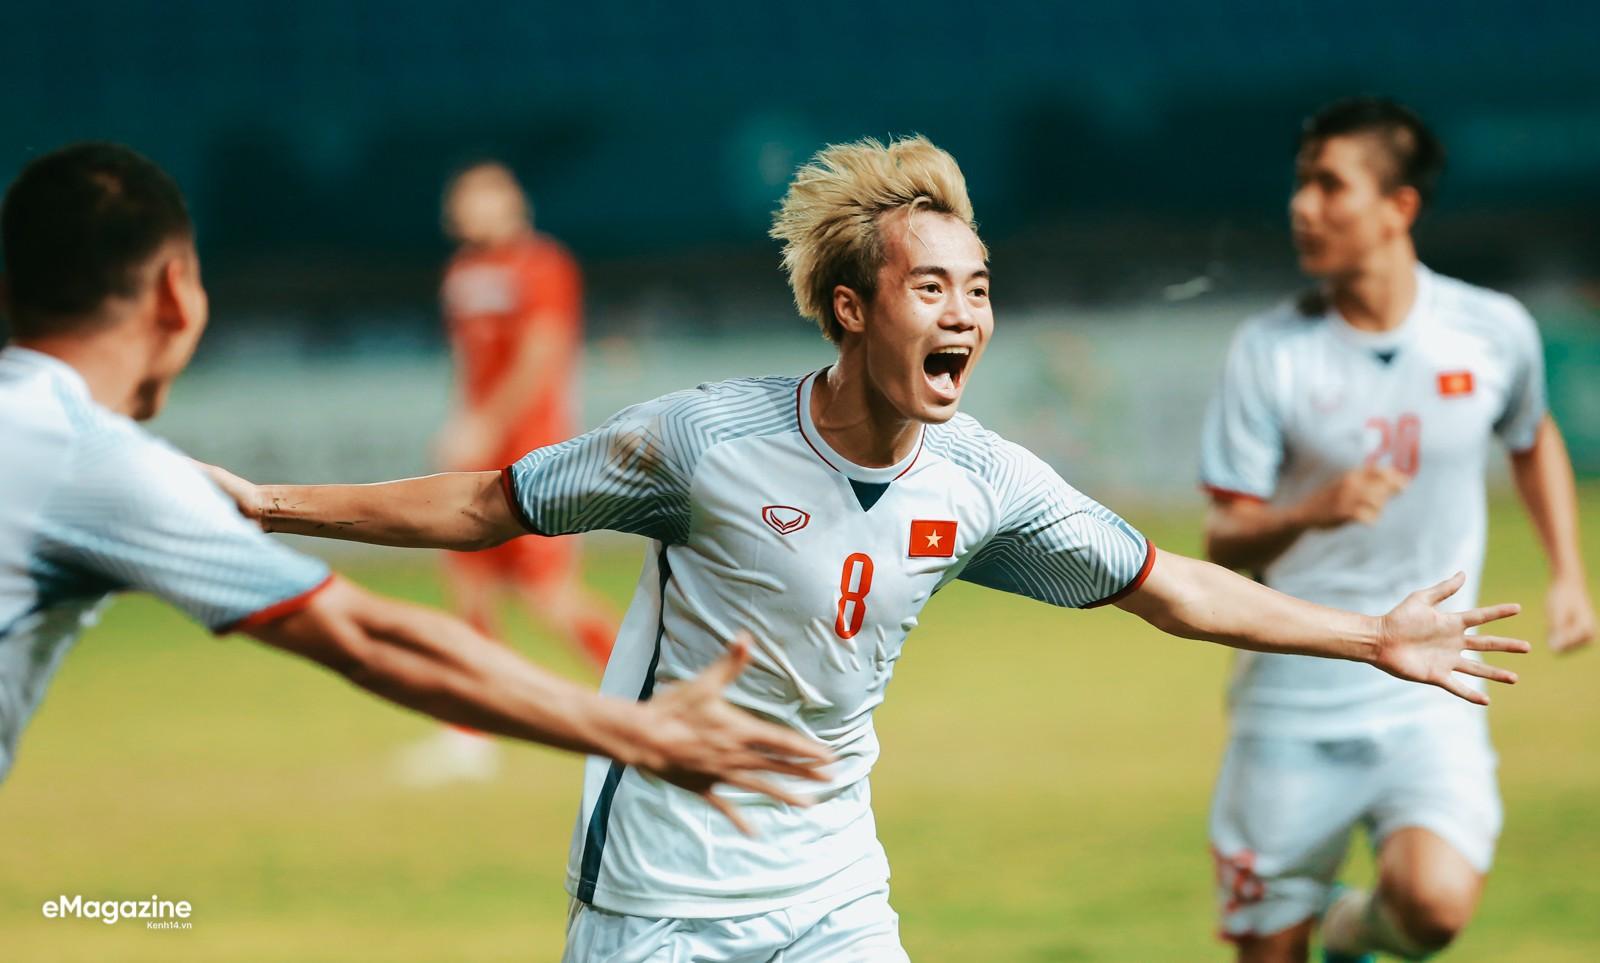 Chùm ảnh chế: Các tuyển thủ Olympic Việt Nam đồng loạt nhuộm tóc bạch kim giống Văn Toàn để lấy may trước trận bán kết - Ảnh 1.